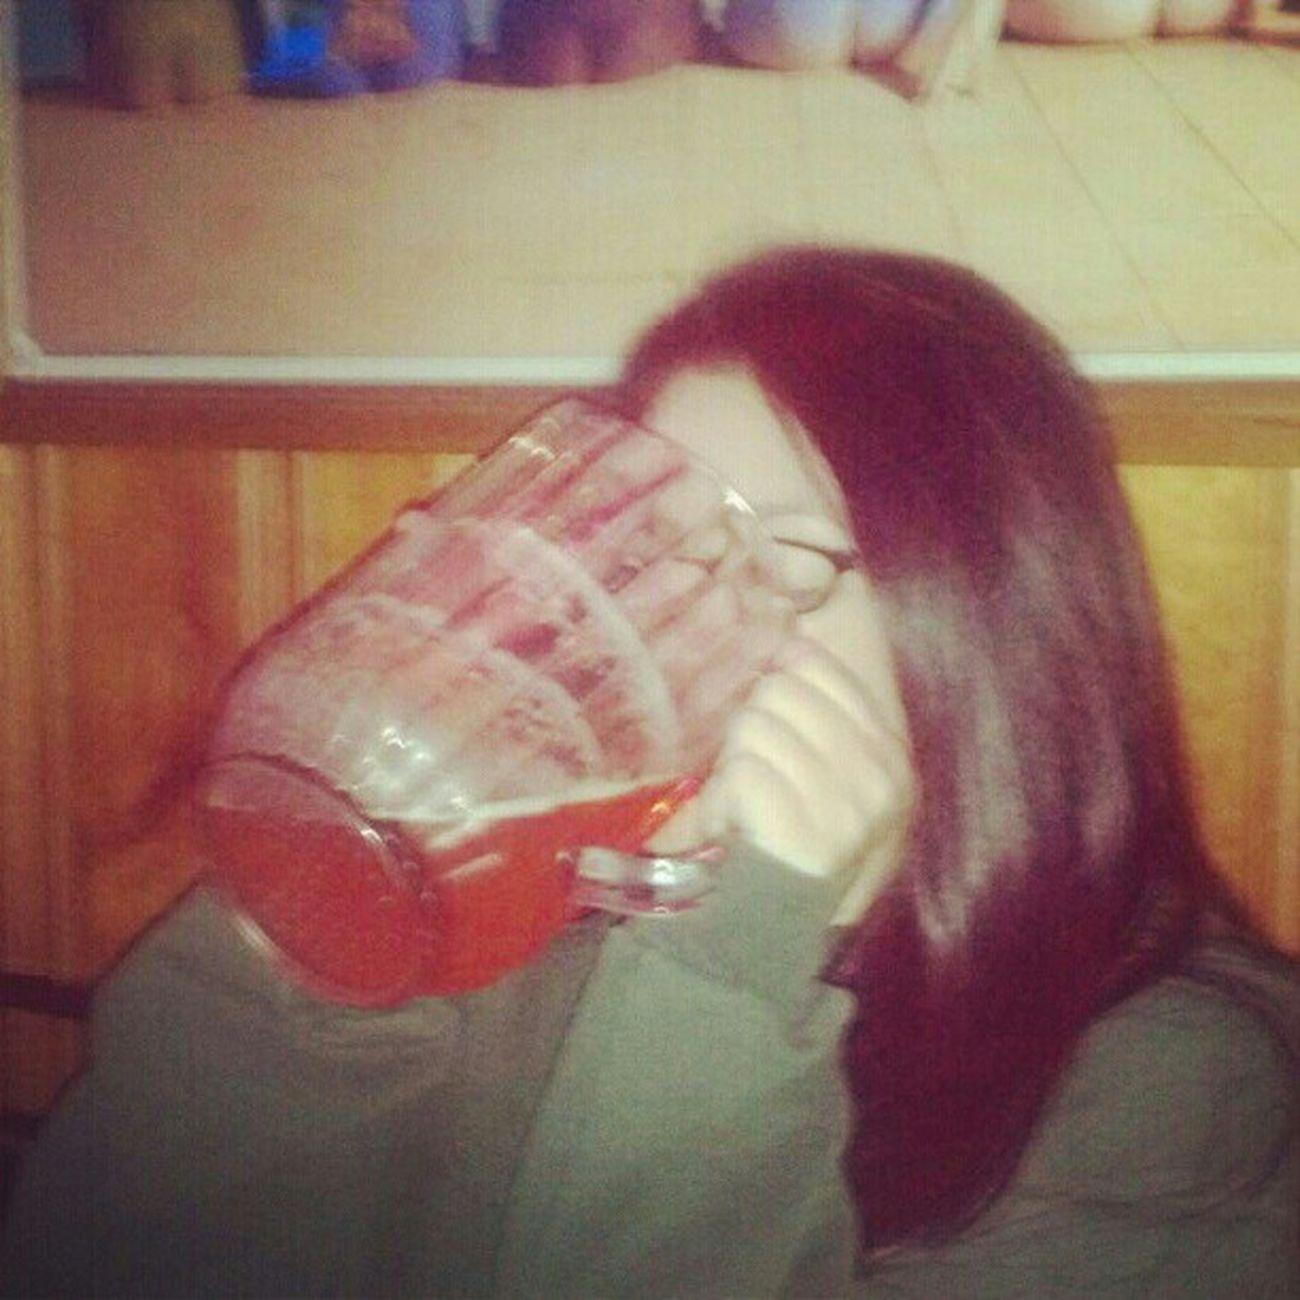 Beer Dontneedacup